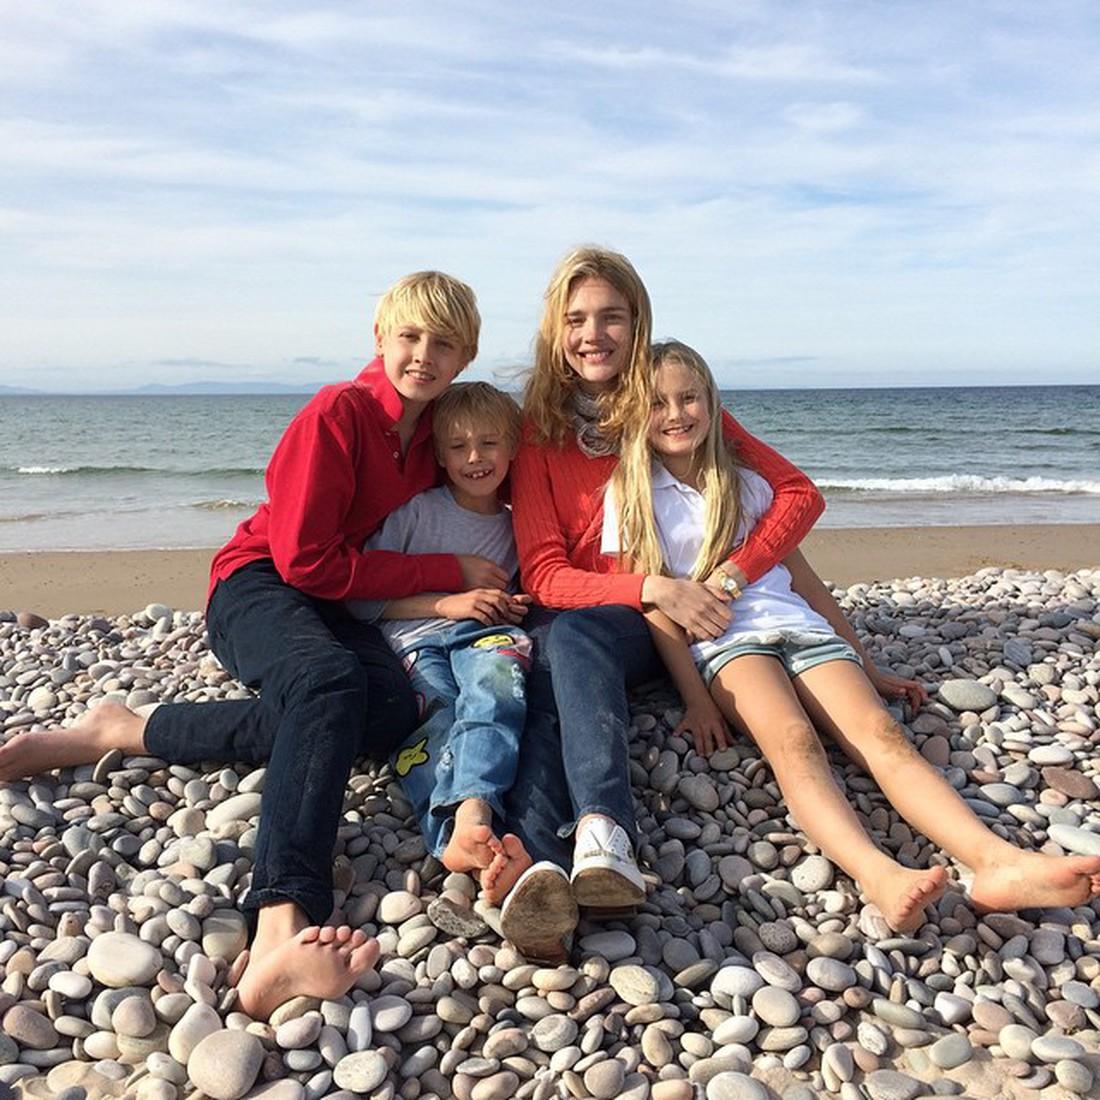 наталья водянова фото с детьми юбка